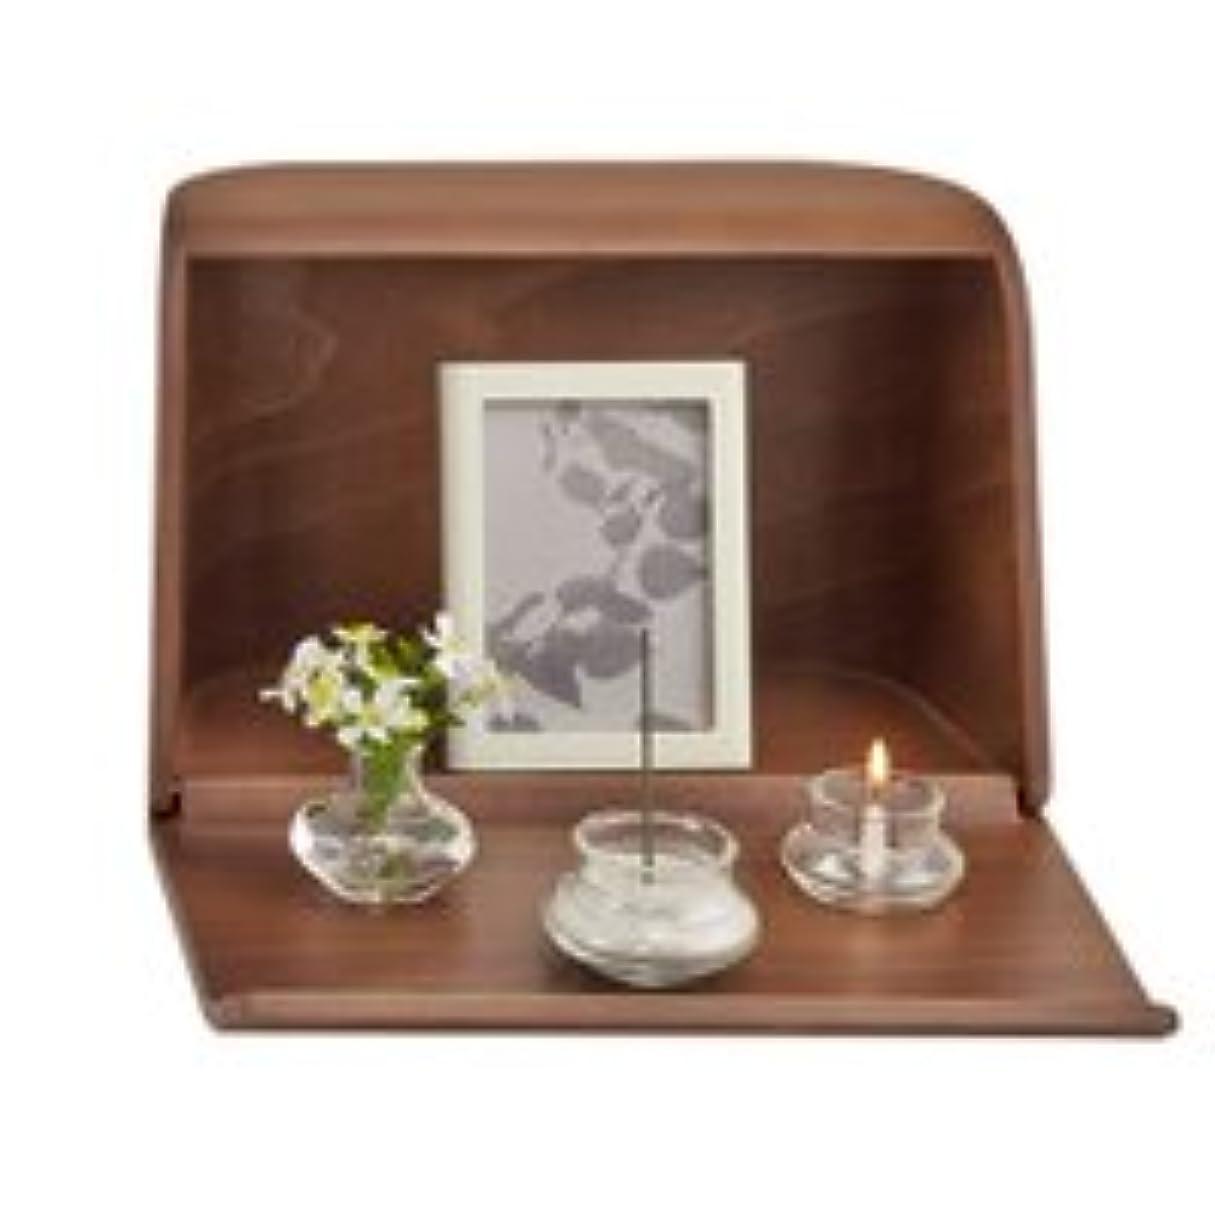 パッド偉業財団やさしい時間祈りの手箱ブラウン × 2個セット